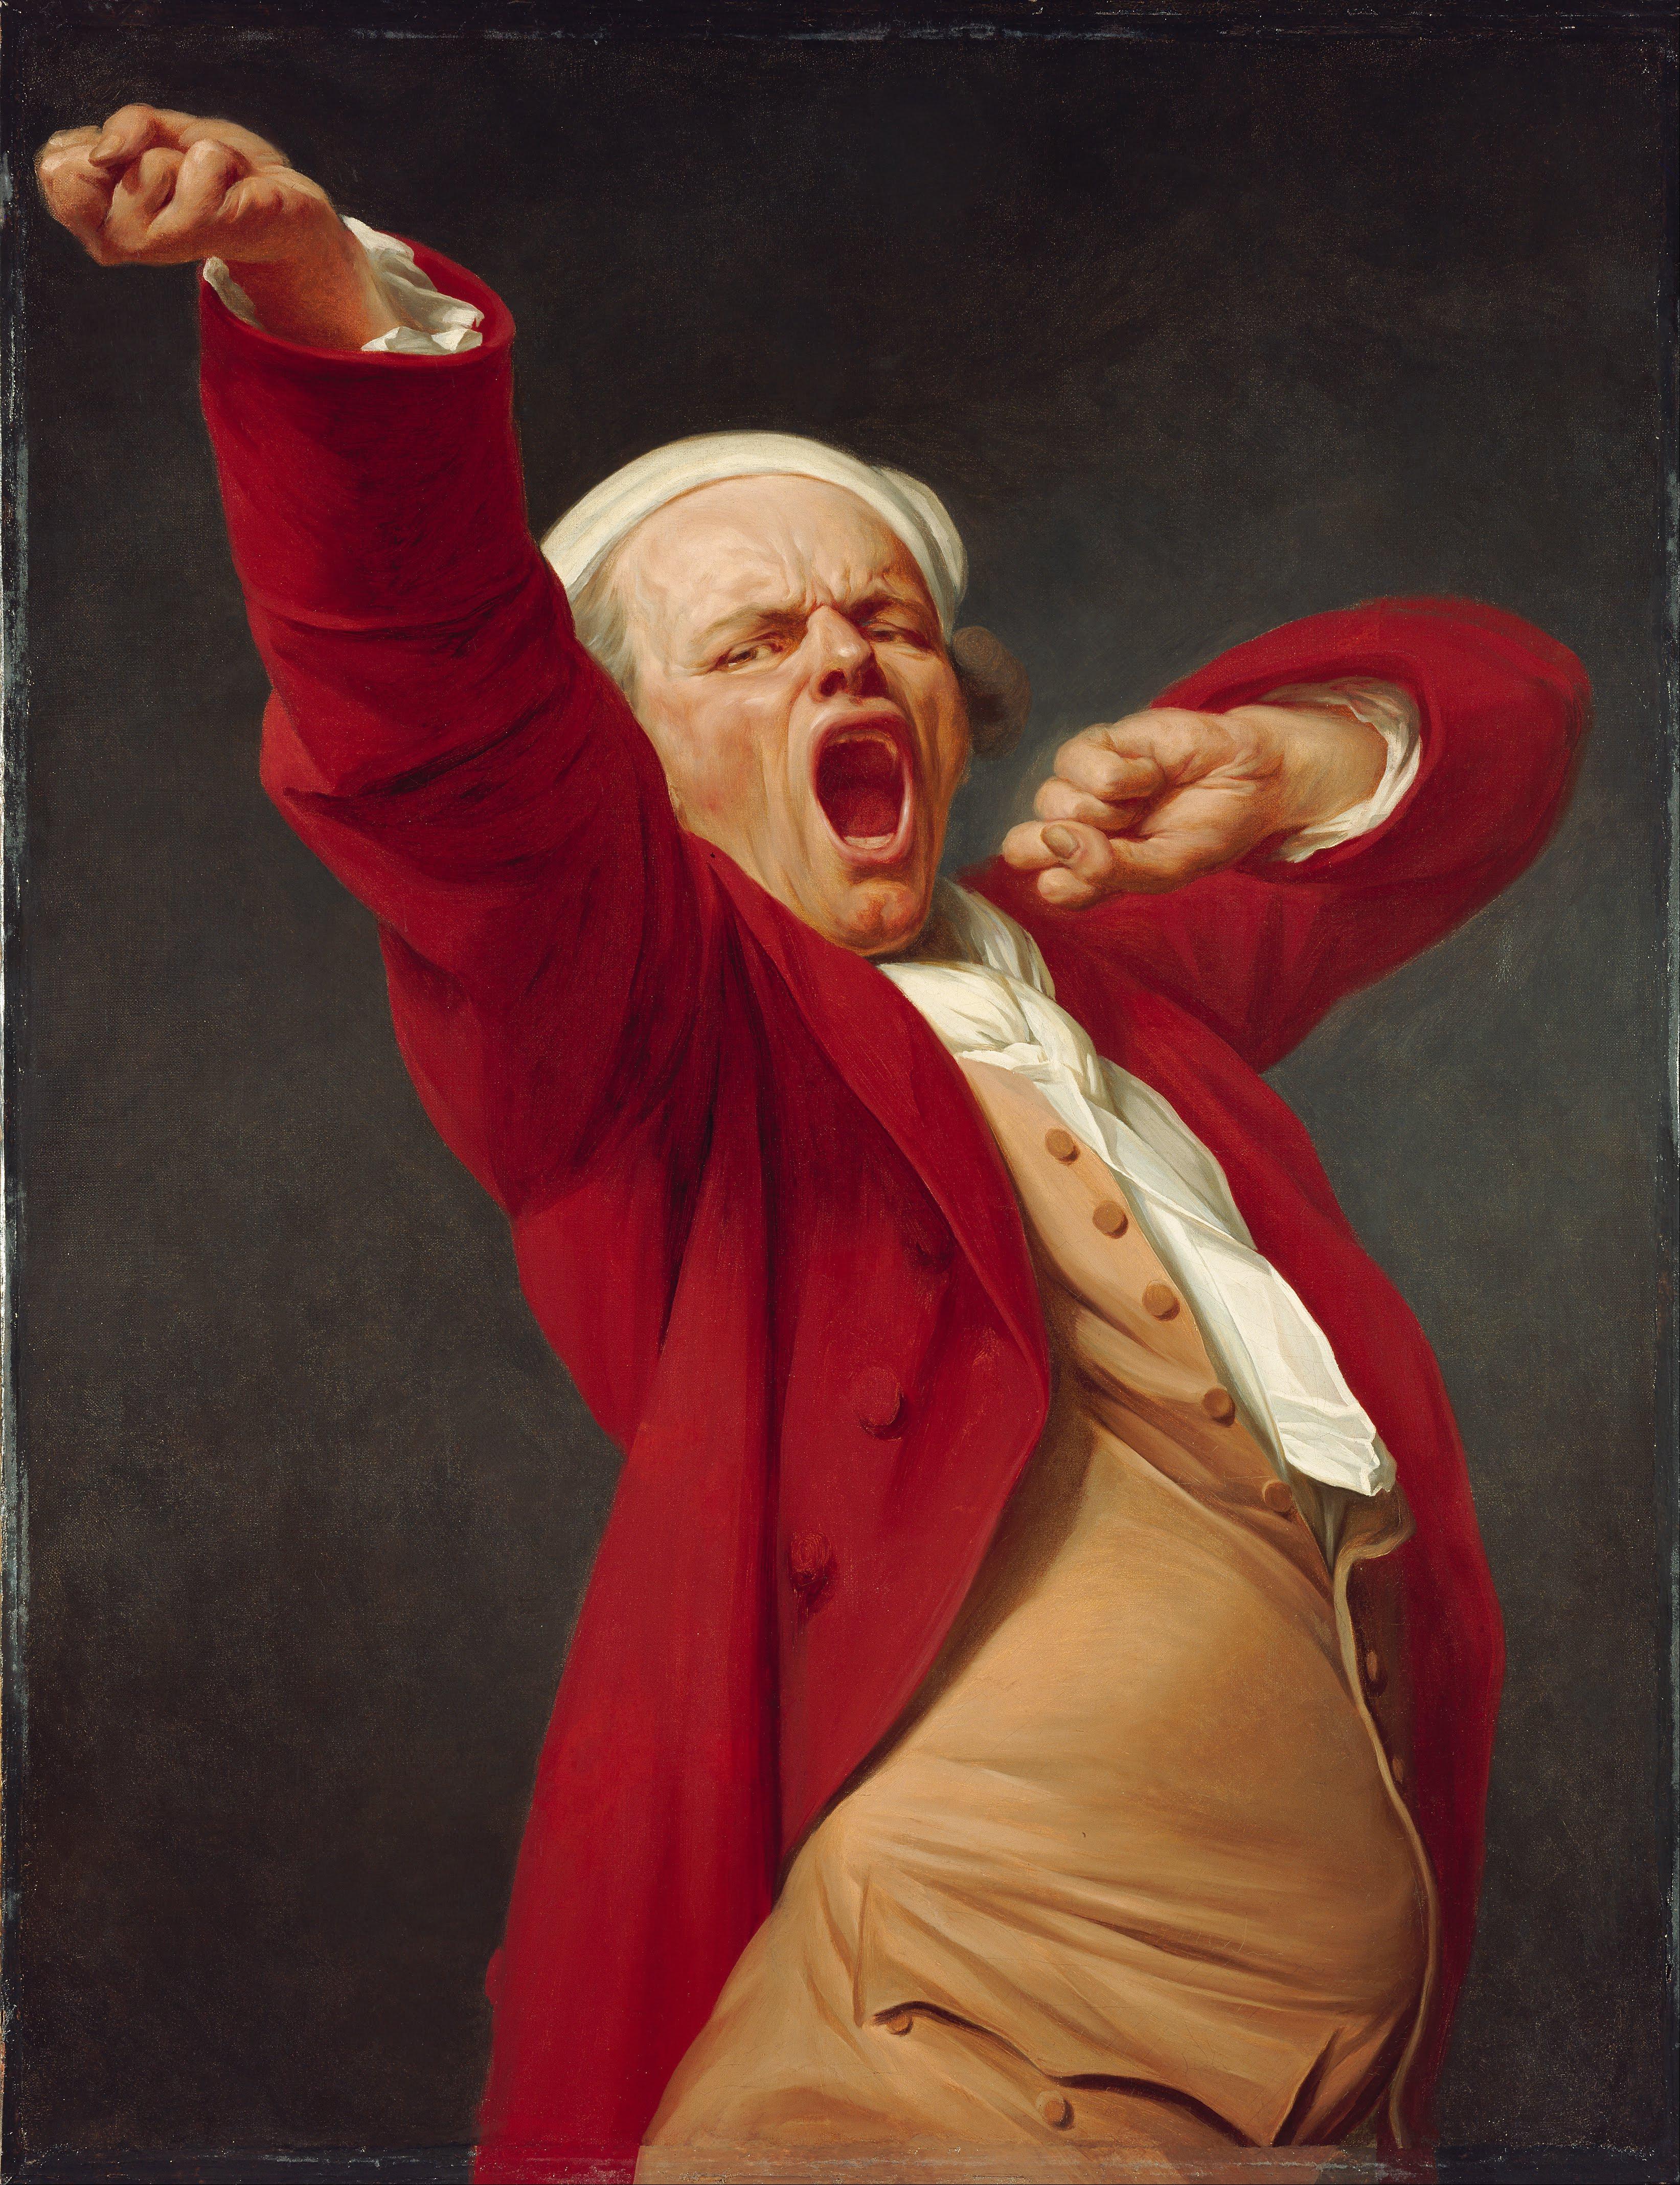 Joseph Decreux : joseph, decreux, File:Joseph, Ducreux, (French), Self-Portrait,, Yawning, Google, Project.jpg, Wikipedia